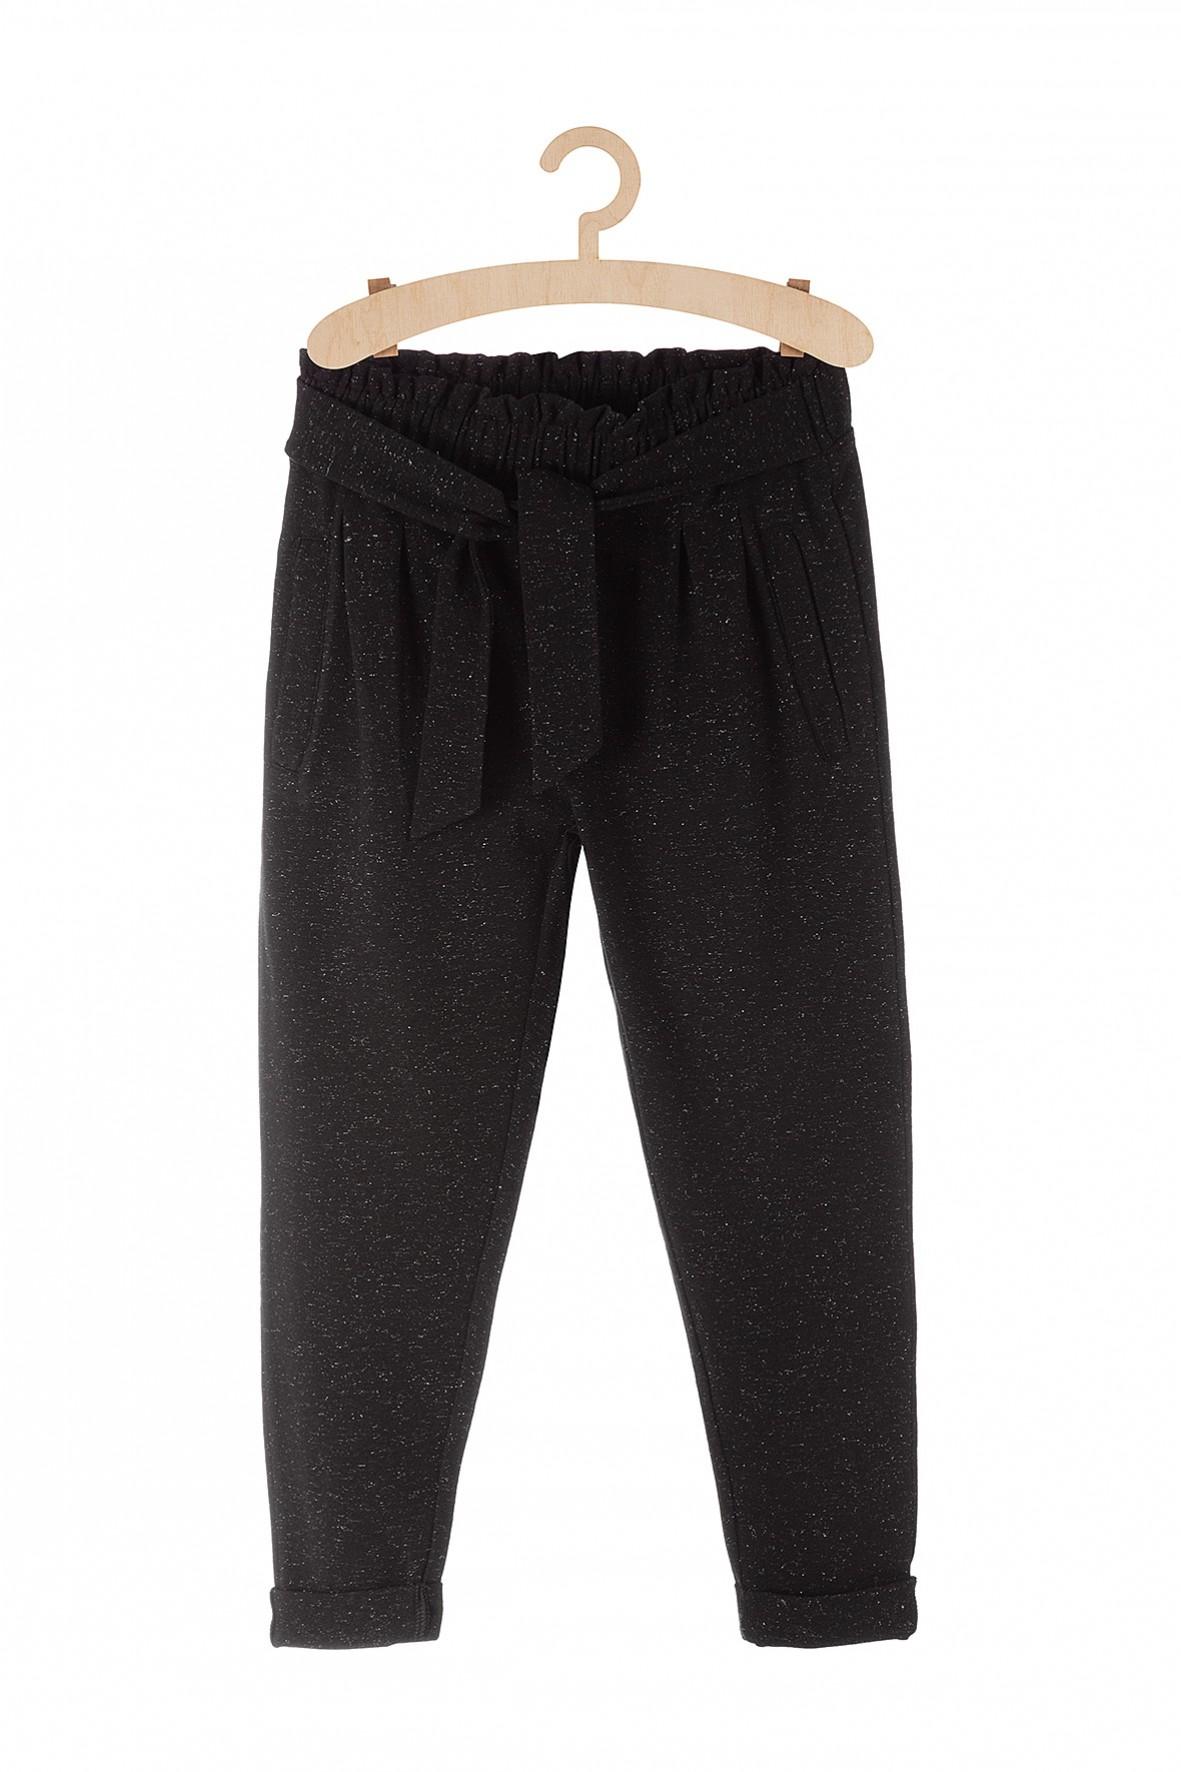 Spodnie dresowe dla dziewczynki- czarne ze srebrną nitką